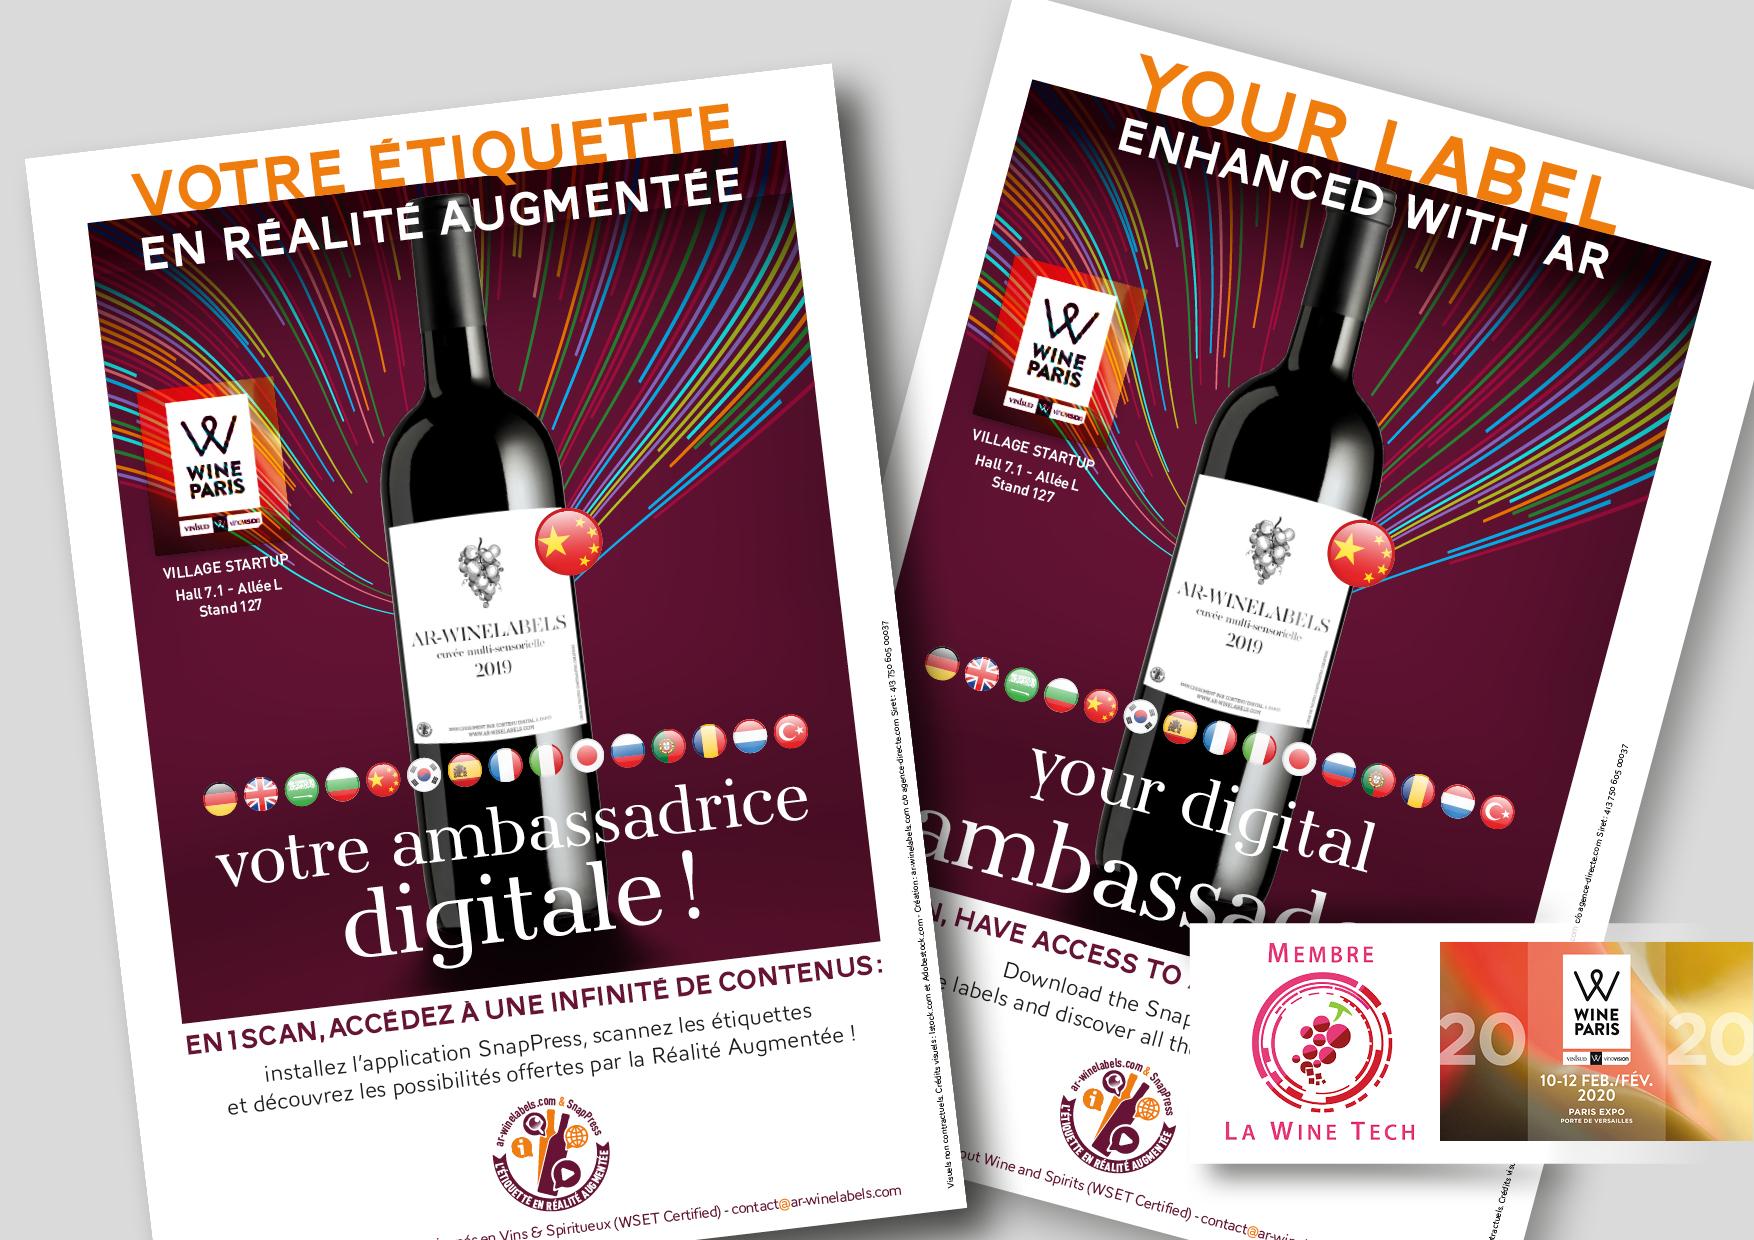 http://ar-winelabels.com/